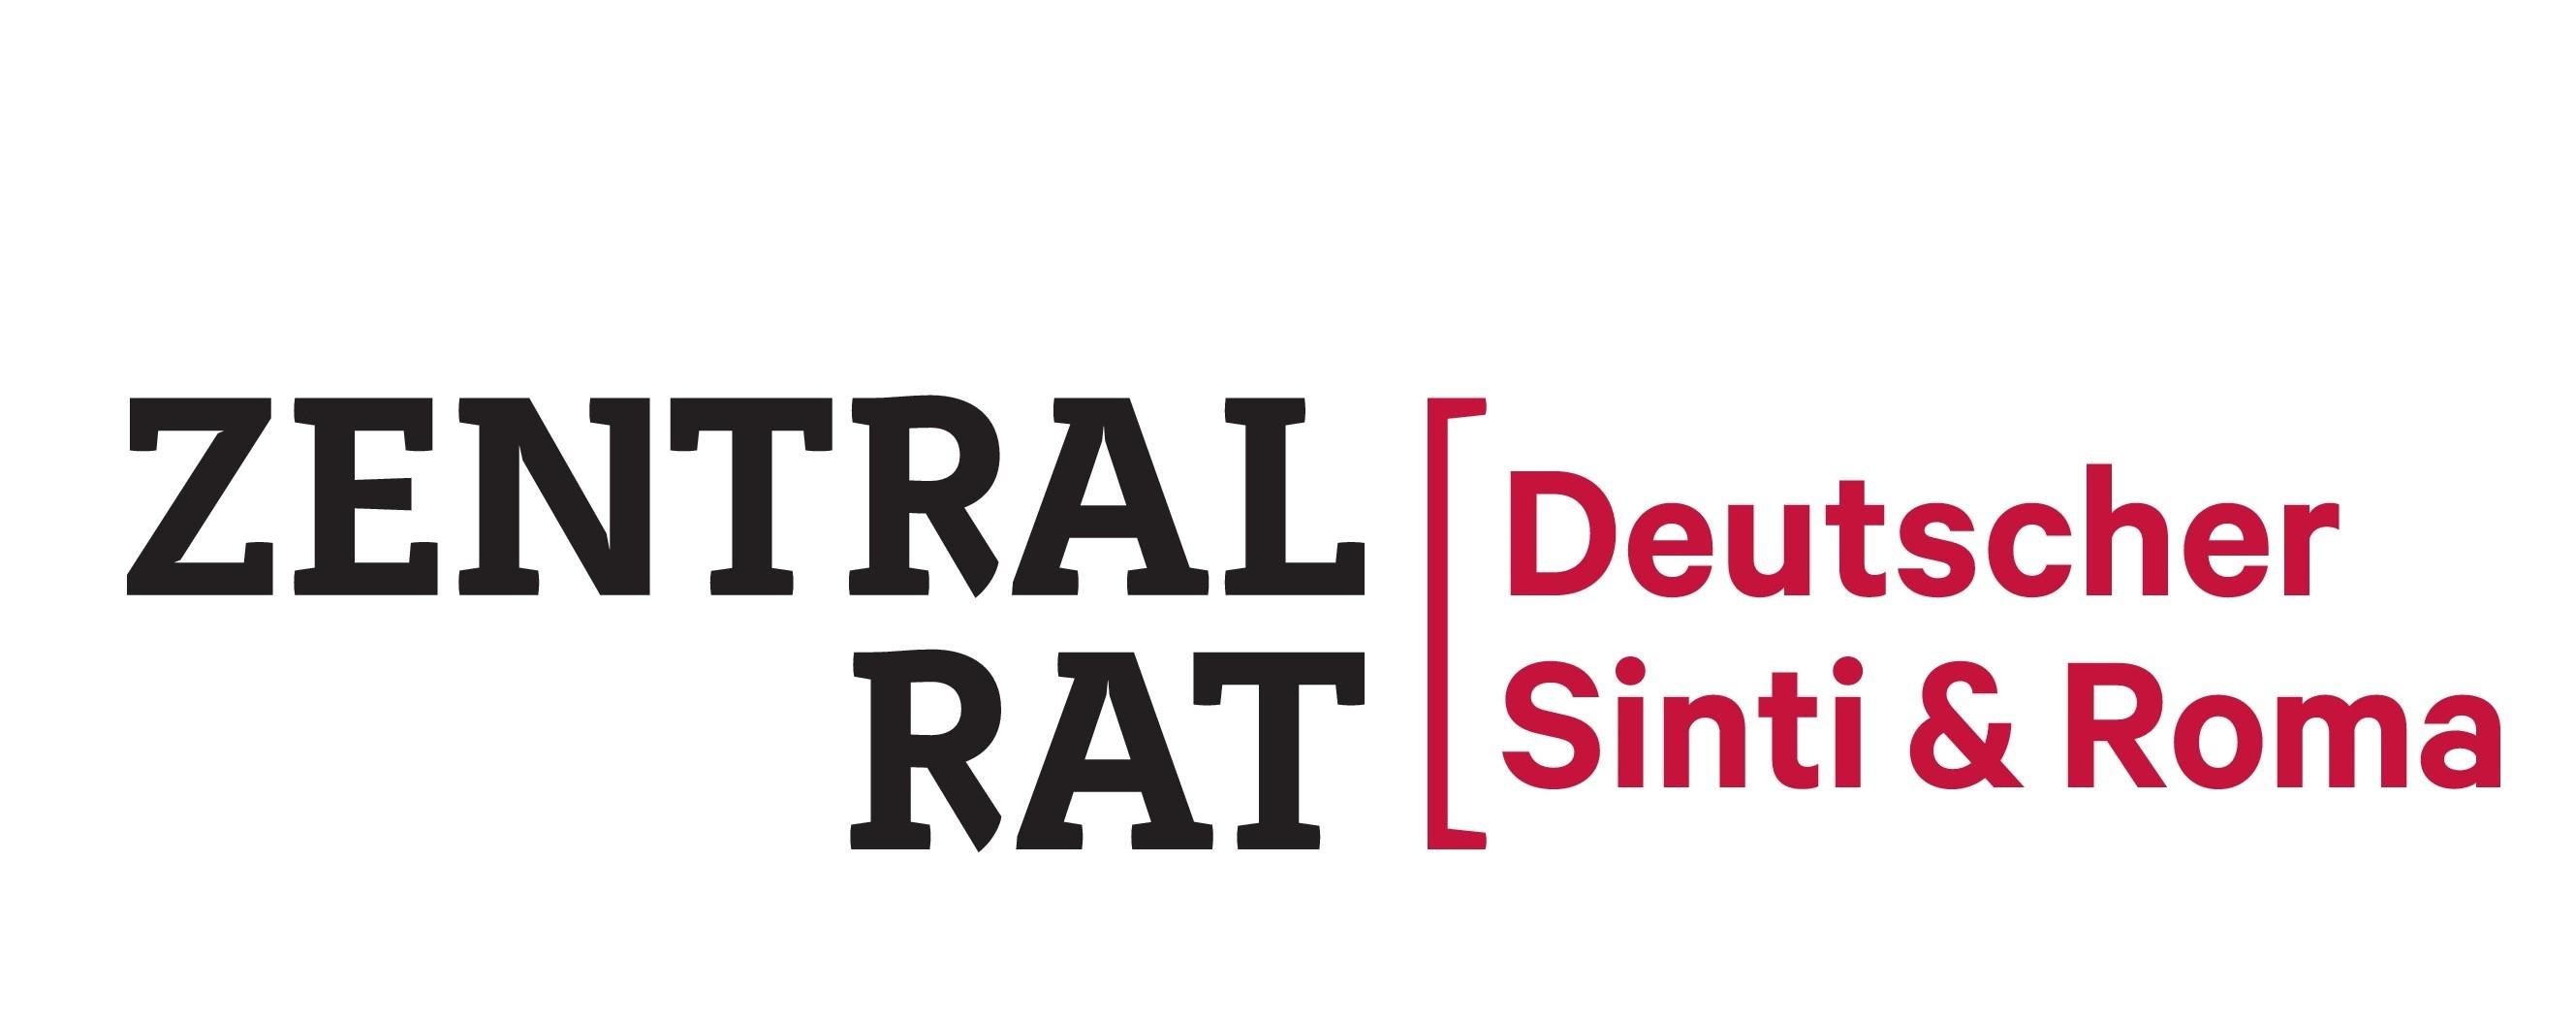 Zentralrat Deutscher Sinti und Roma